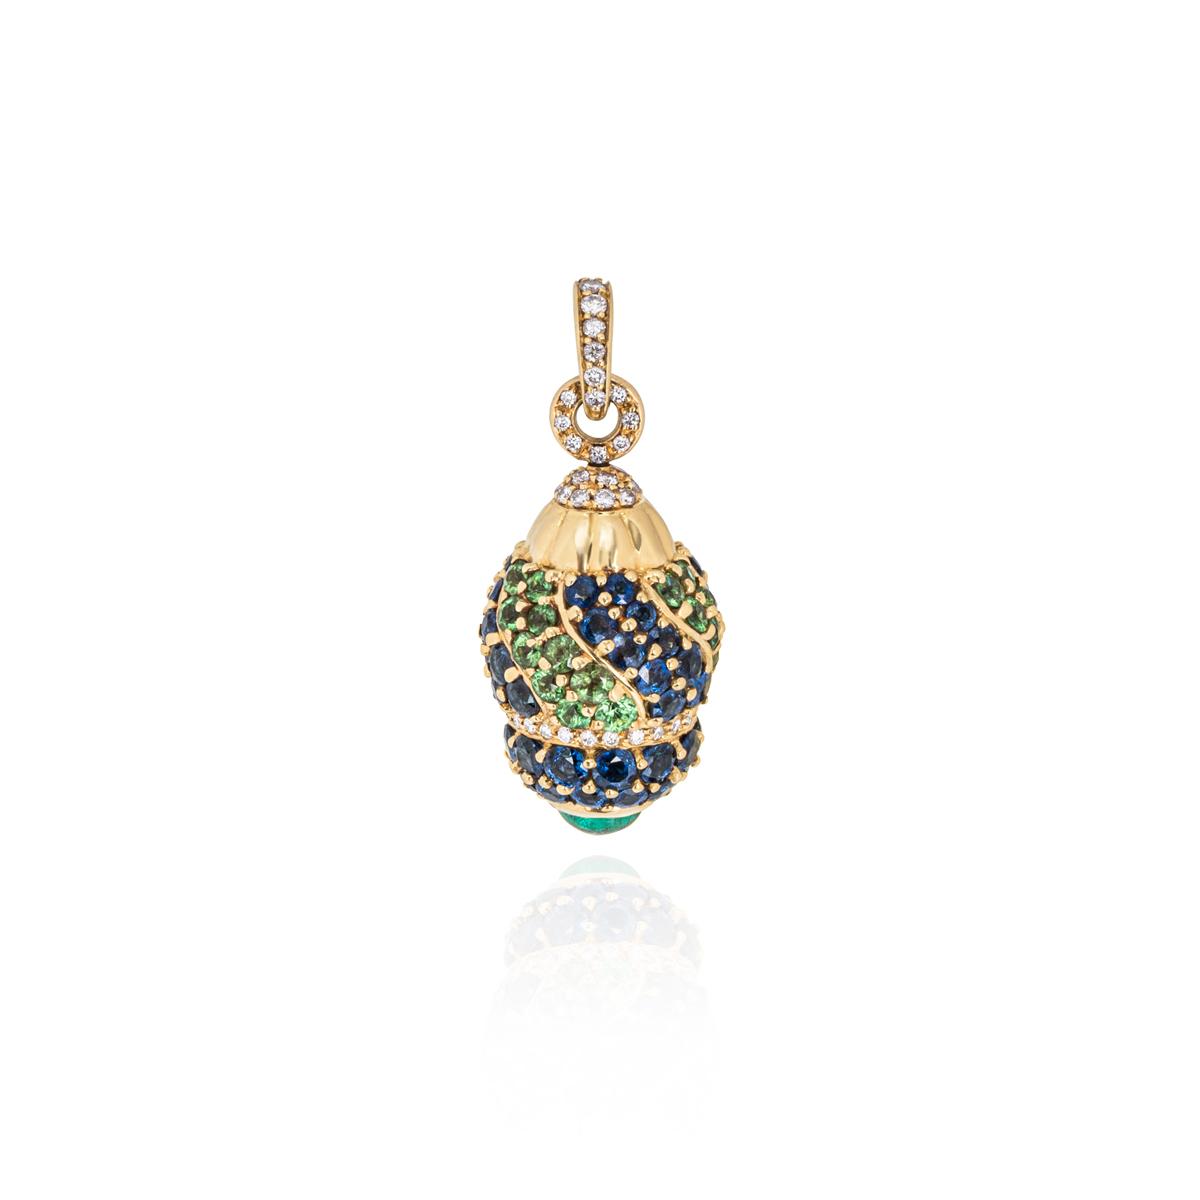 Yellow Gold Diamond, Sapphire and Peridot Egg Pendant